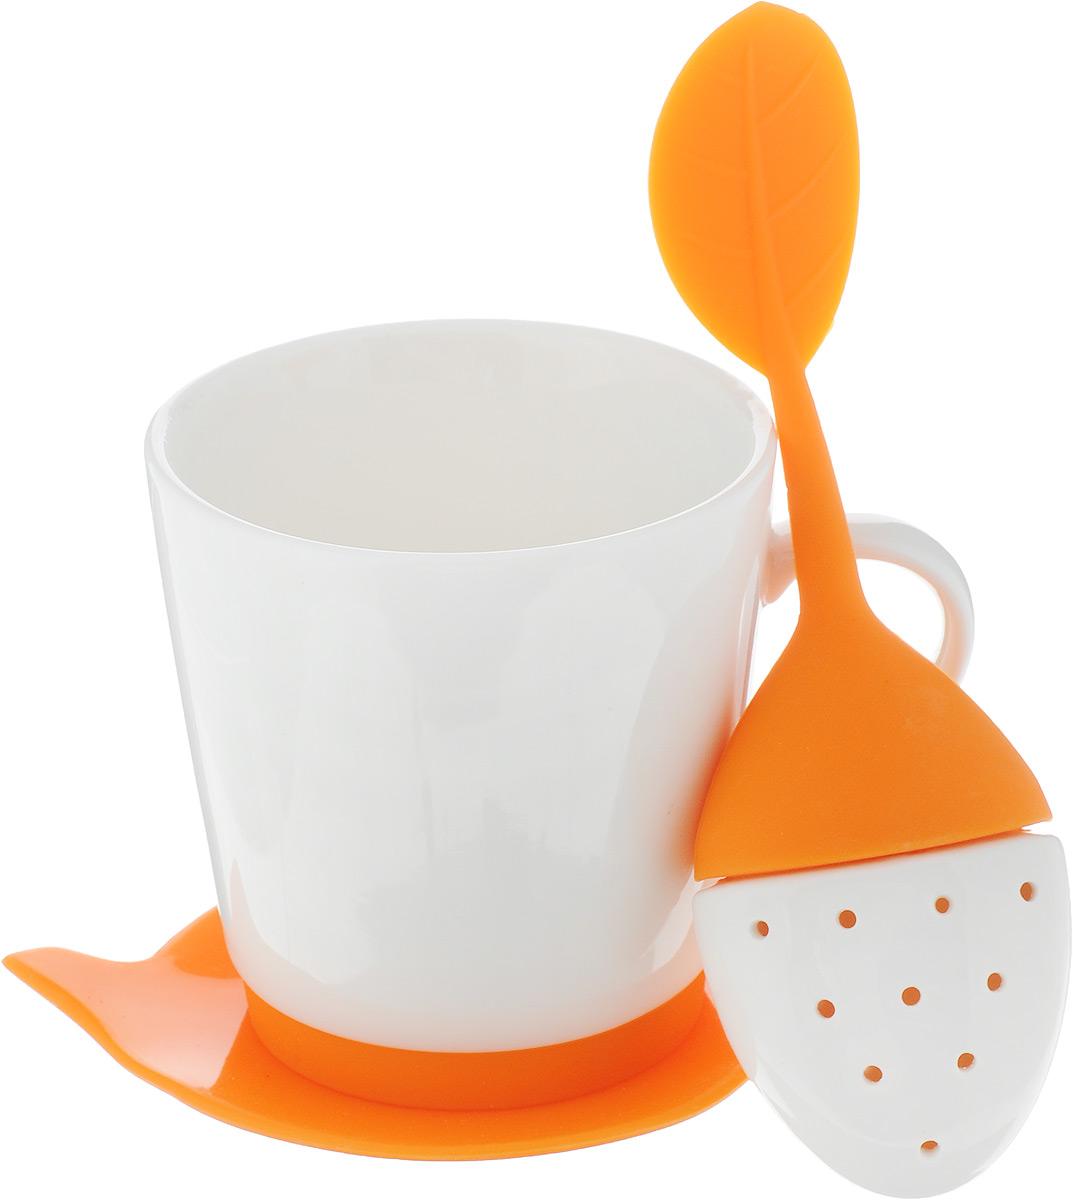 Набор для приготовления чая Oursson: кружка, ситечко, подставка, цвет: оранжевыйTW89560/ORНабор для приготовления чая из керамики с отделкой силиконом (Оранжевый): кружка, ситечко, подставка. подарочная упаковка